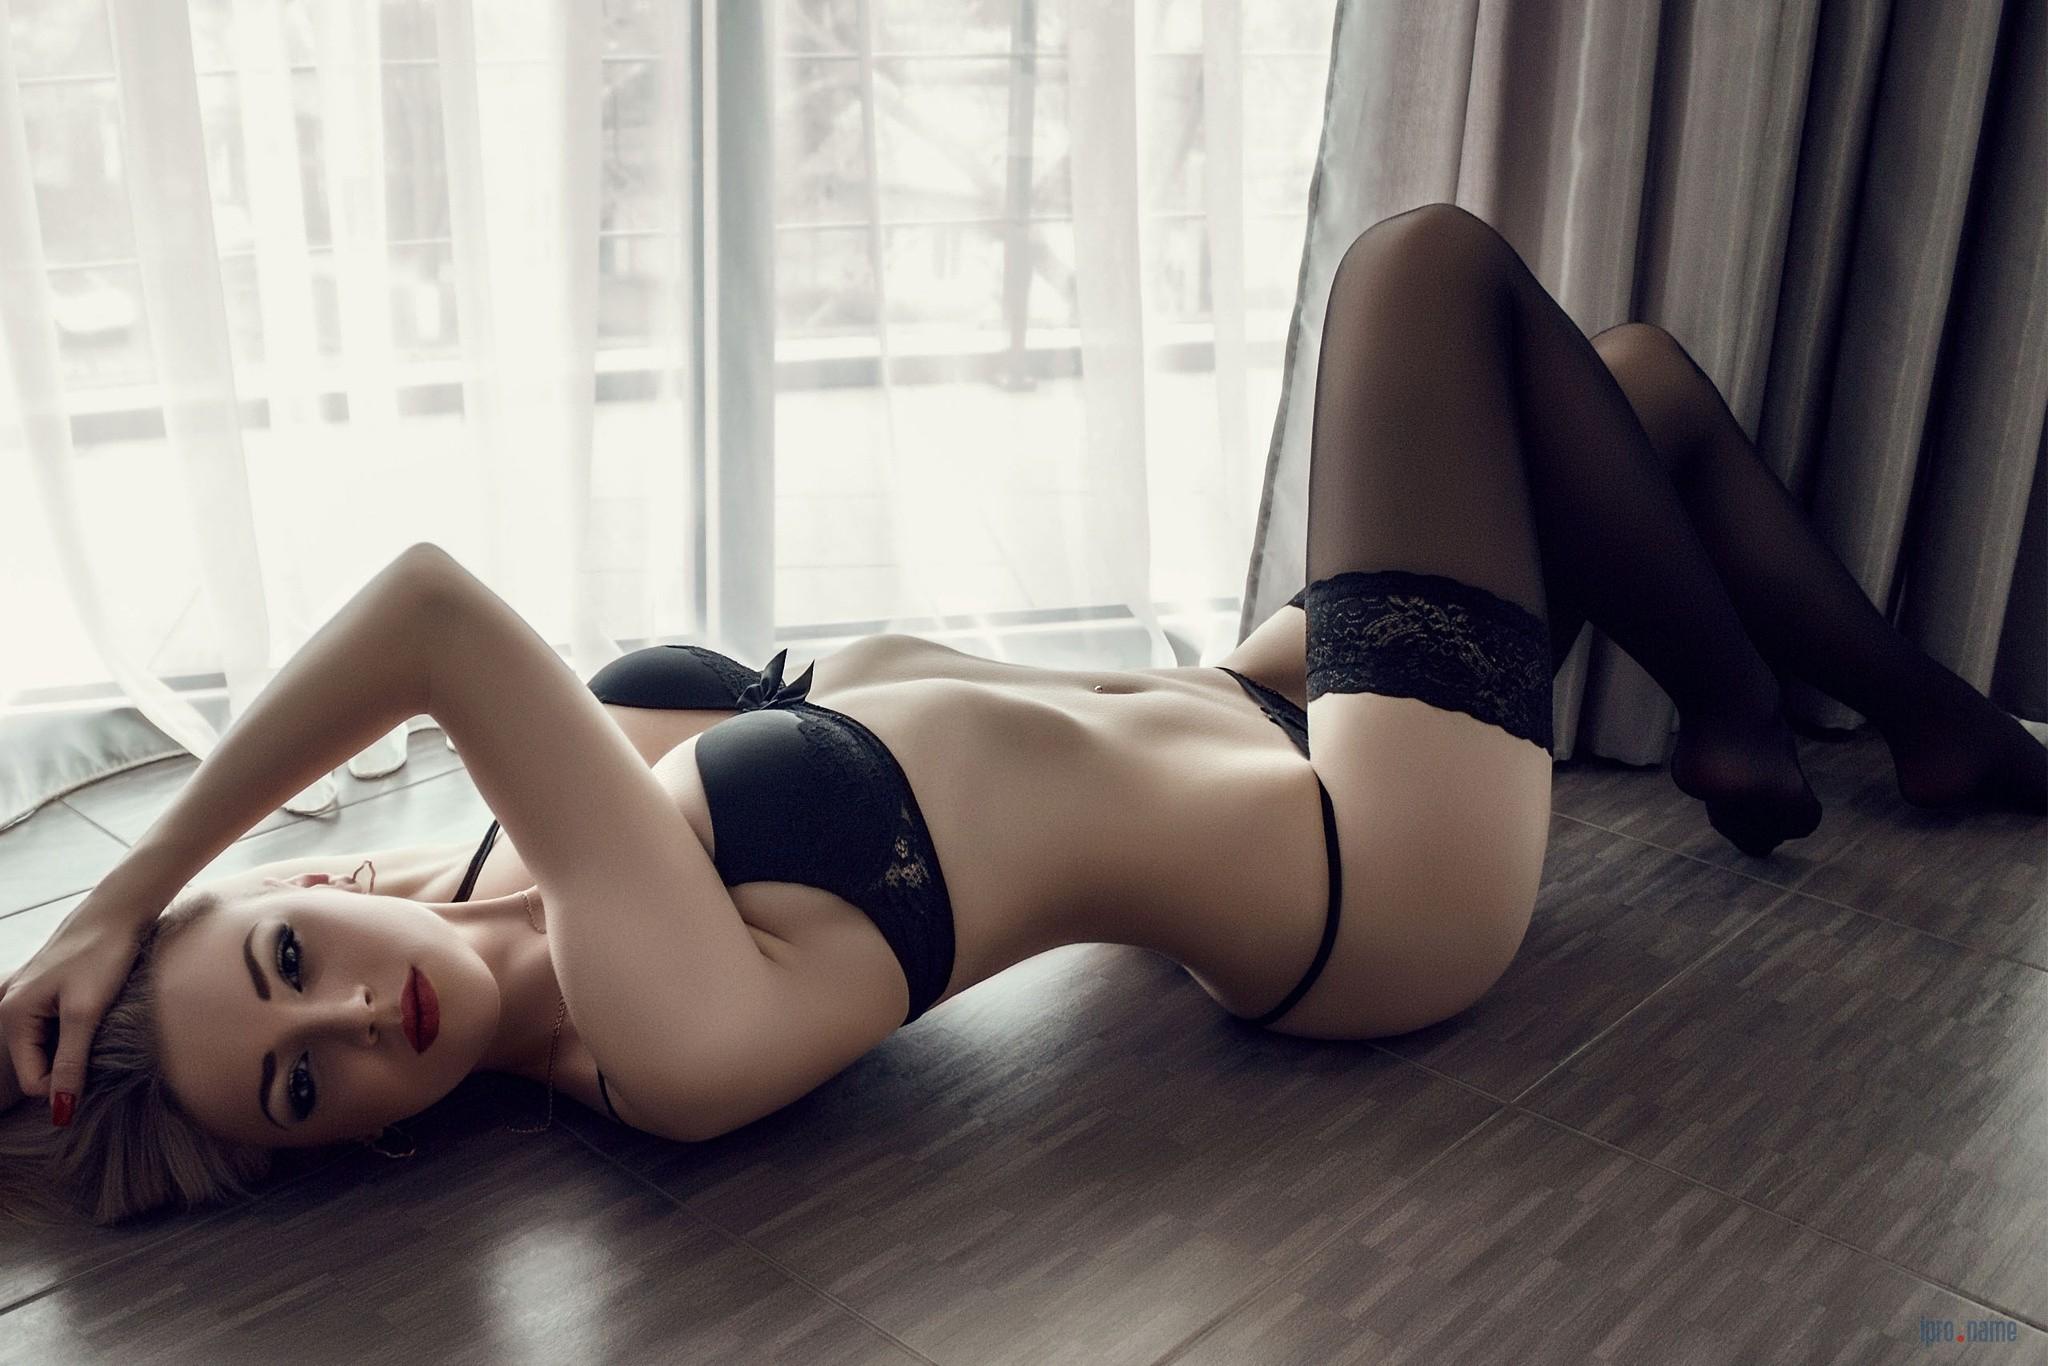 Фото в эротичном нижним белье, Голые девицы в прозрачном эро бельесекси фото 7 фотография